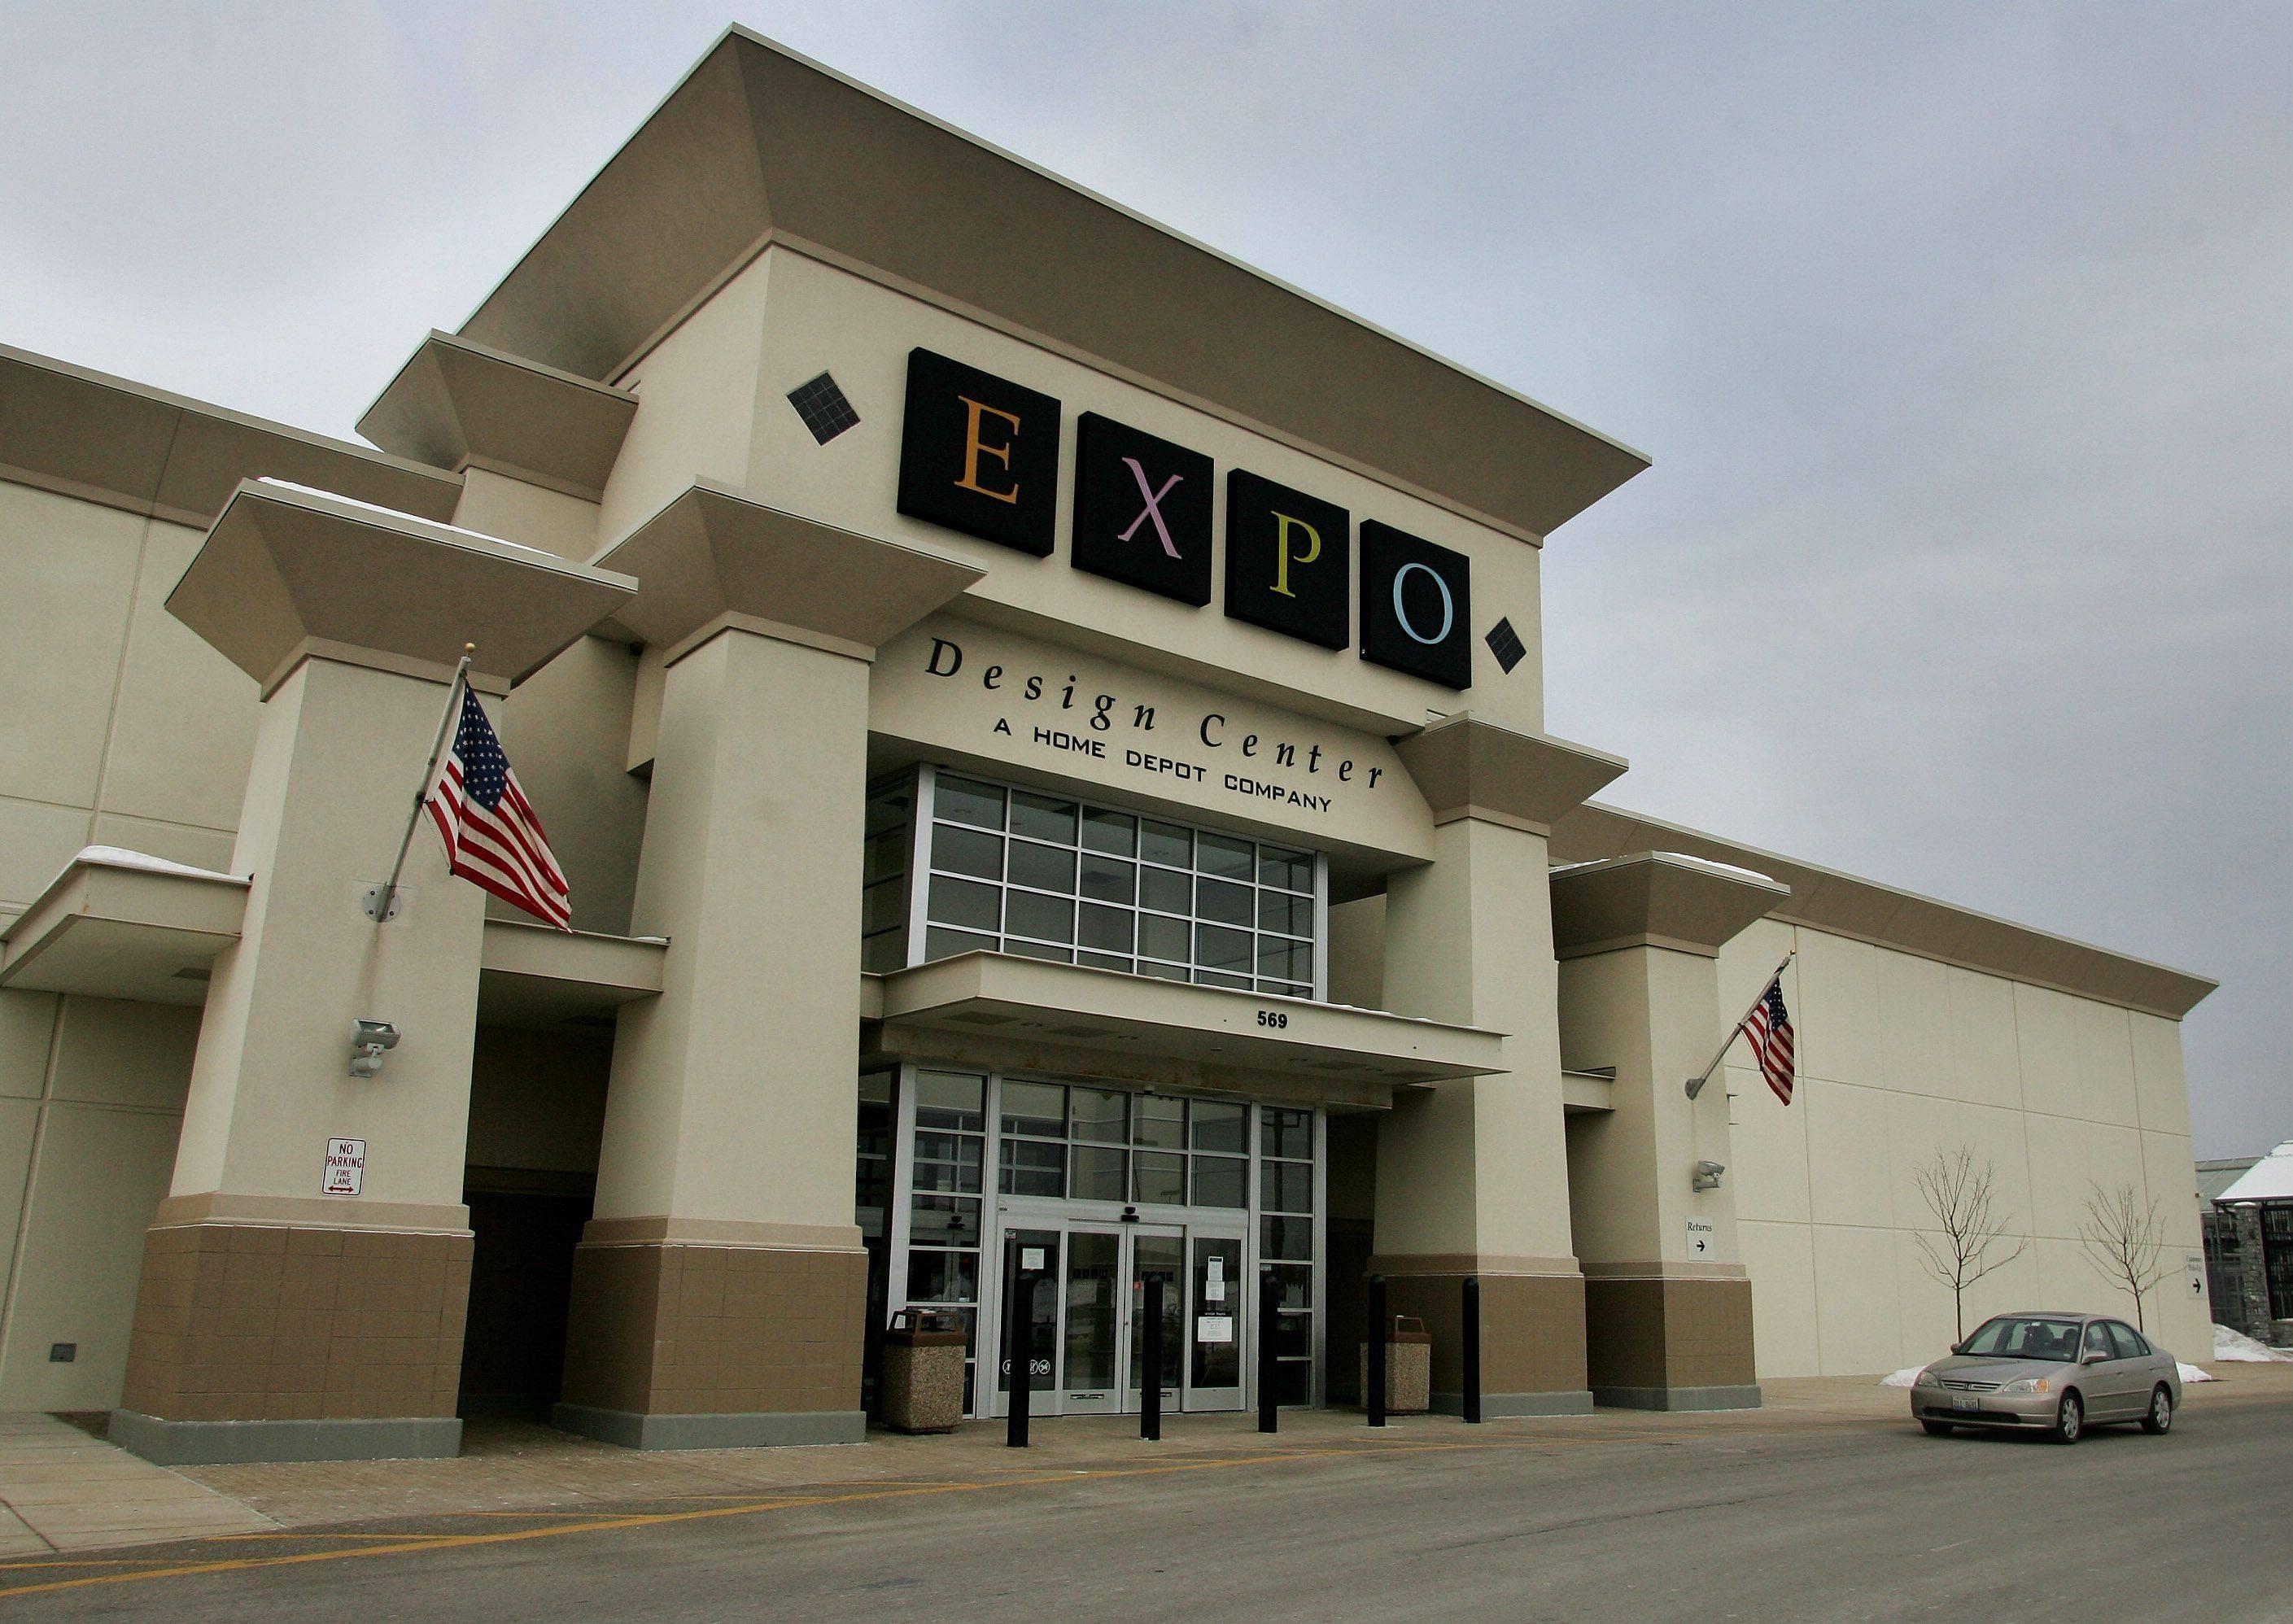 100 Home Depot Expo Design Center Virginia 100 Home